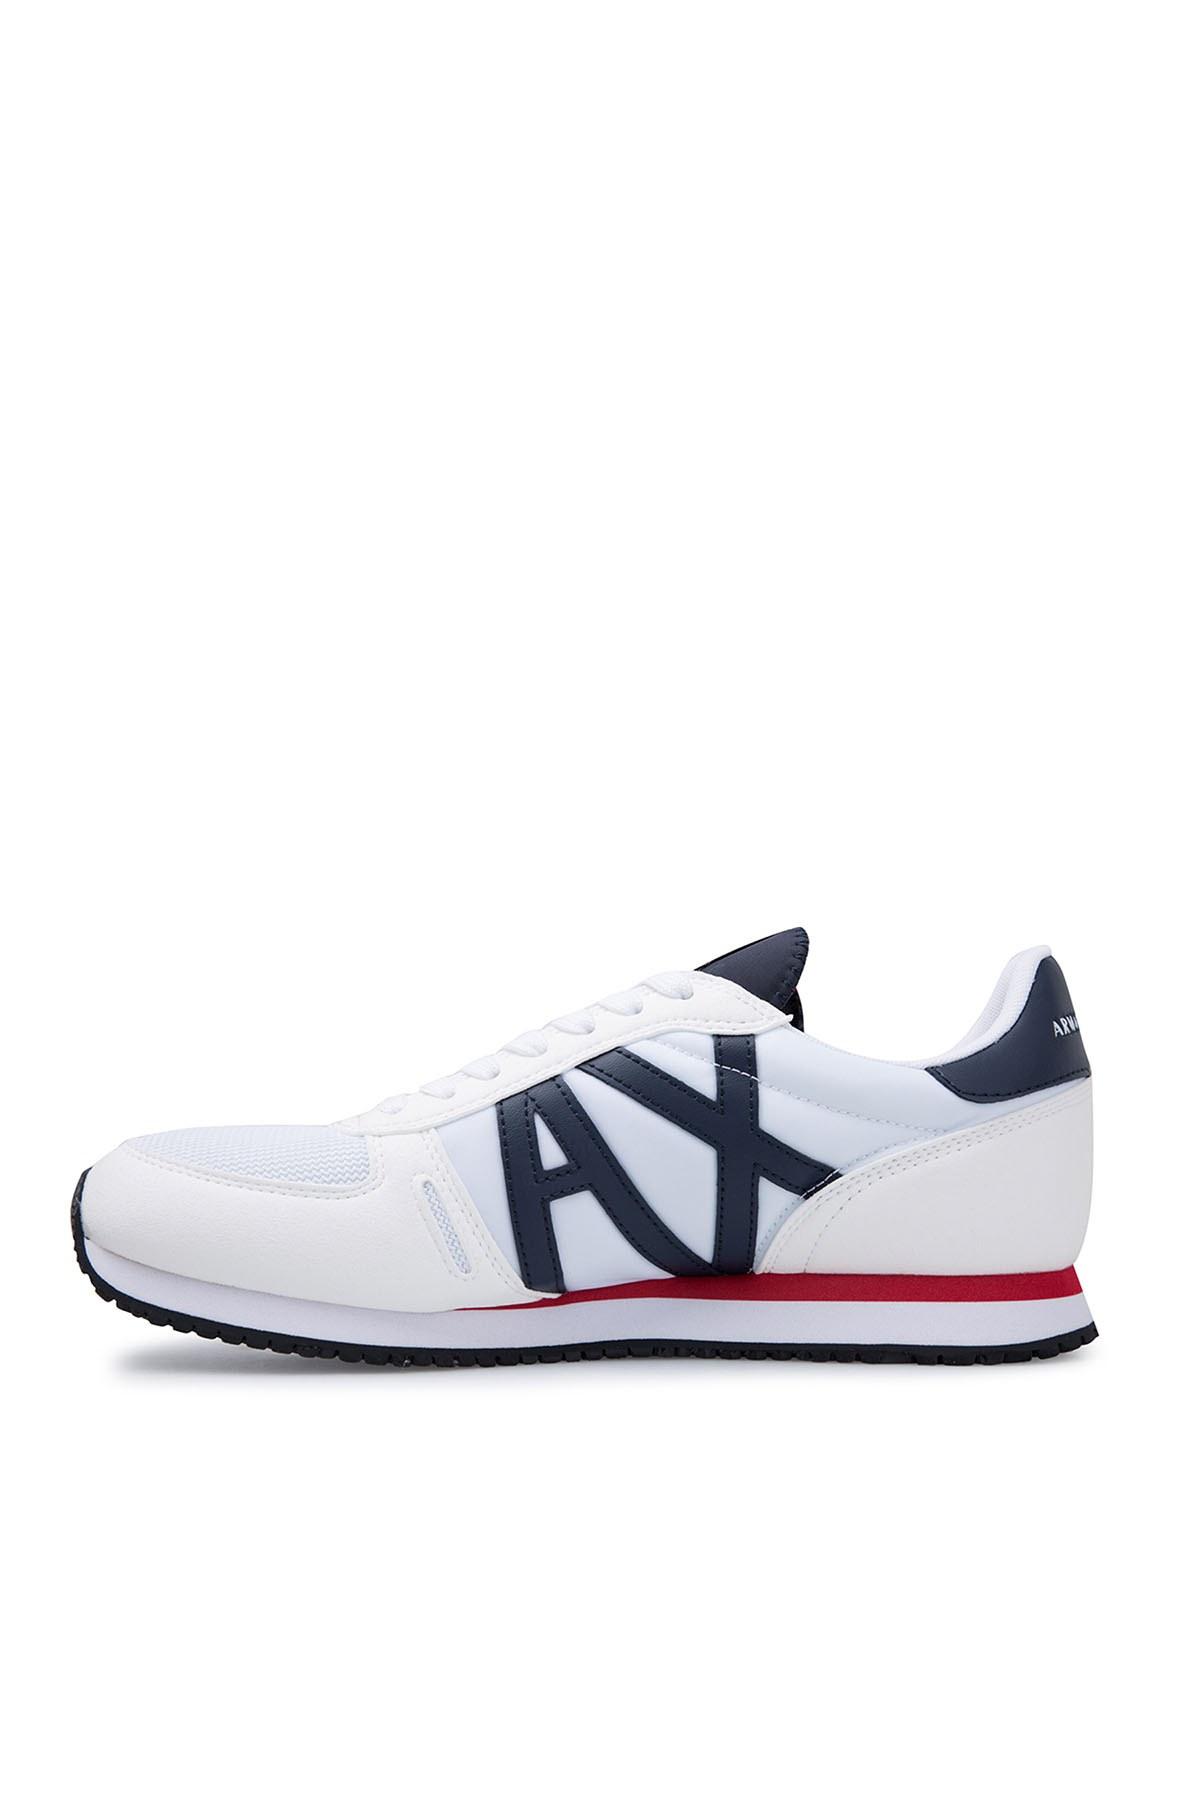 Armani Exchange Erkek Ayakkabı XUX017 XV028 B788 BEYAZ-LACİVERT